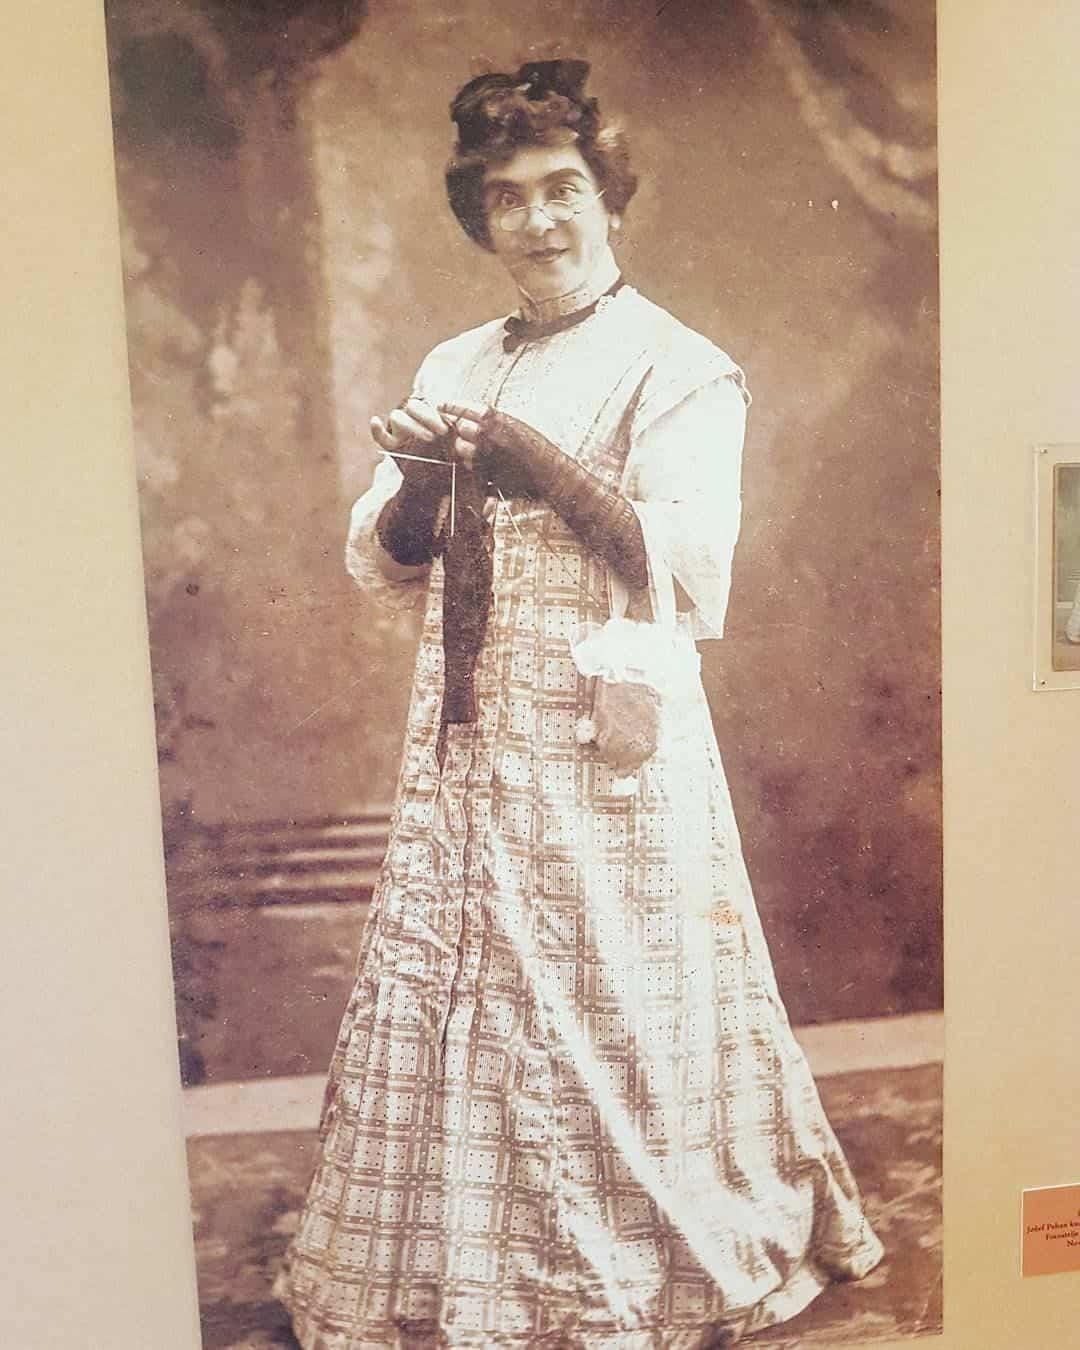 Ispred svog vremena: Fotografija Jožefa Pehana u ženskoj odeći